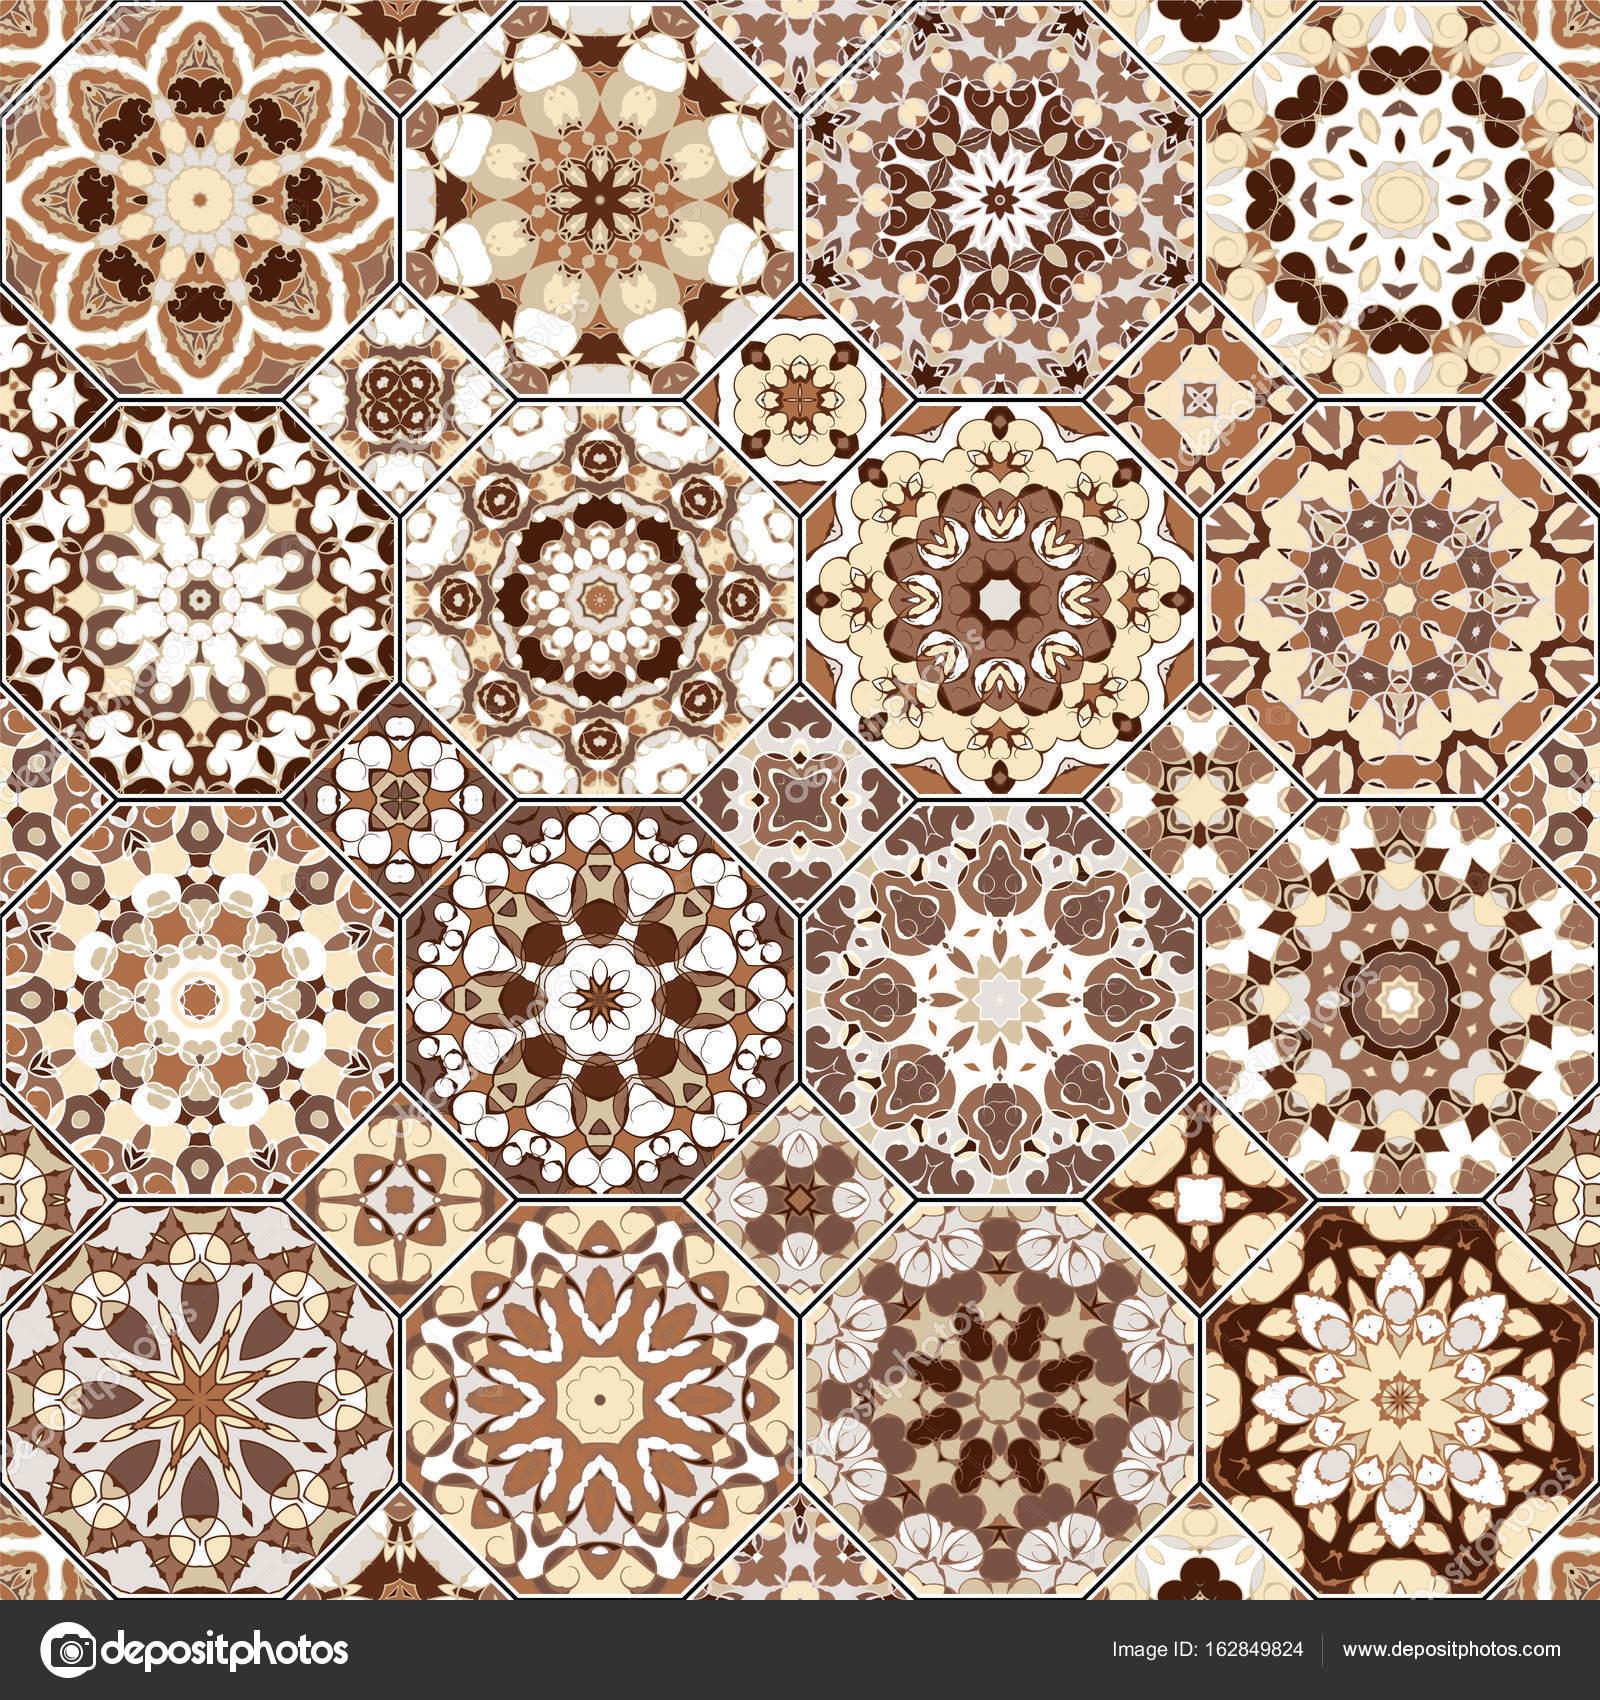 Vektor Sammlung Von Quadratisch Und Achteckig Musterdesigns Im  Orientalischen Stil. Eine Reihe Von Mehrfarbigen Fliesen U2014 Vektor Von  I0645495@gmail.com